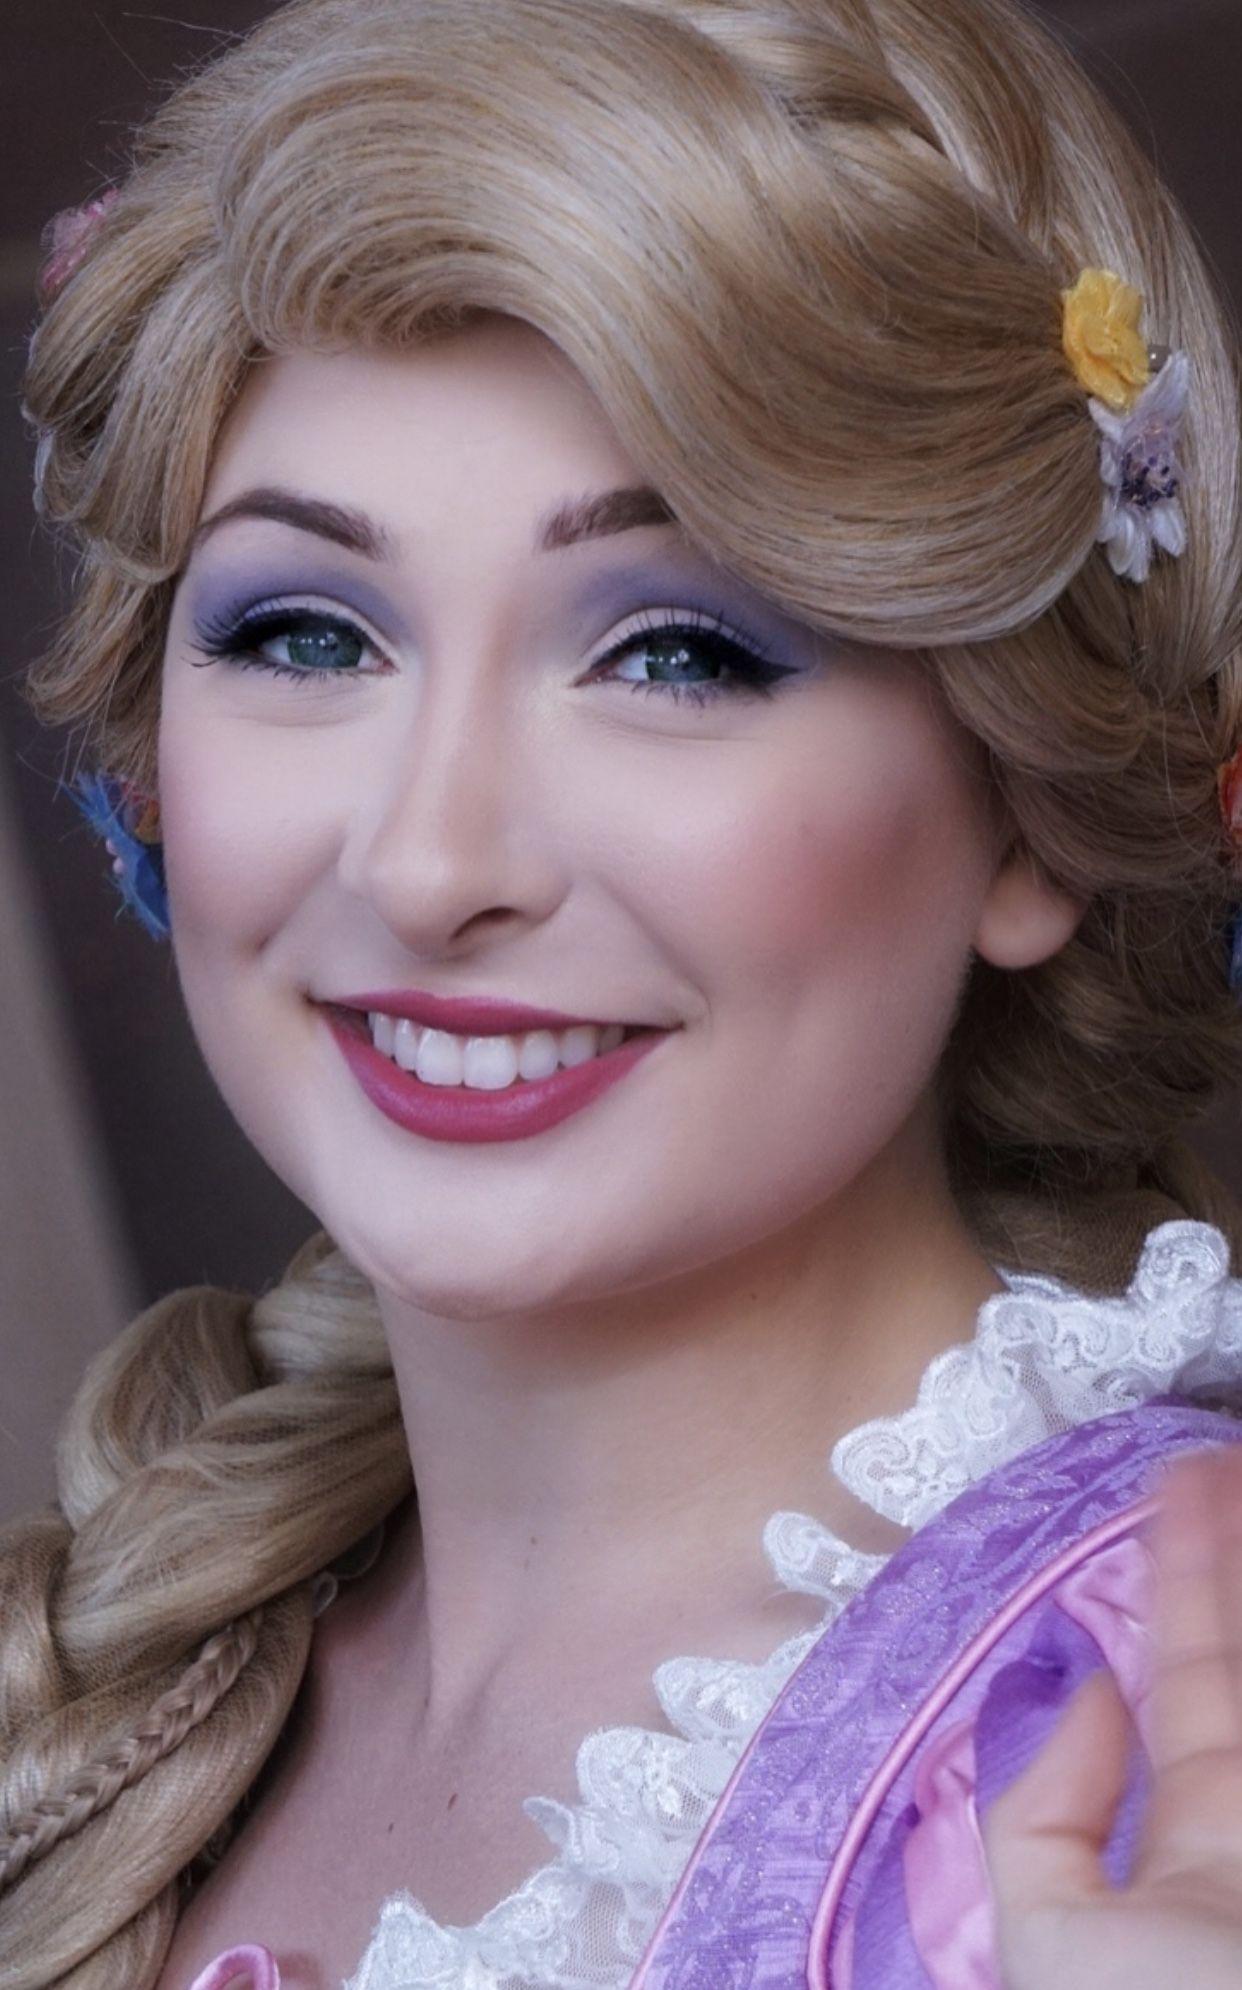 Pin By Elizabeth Hope On Disneyland Characters Disney Hair Rapunzel Makeup Princess Makeup